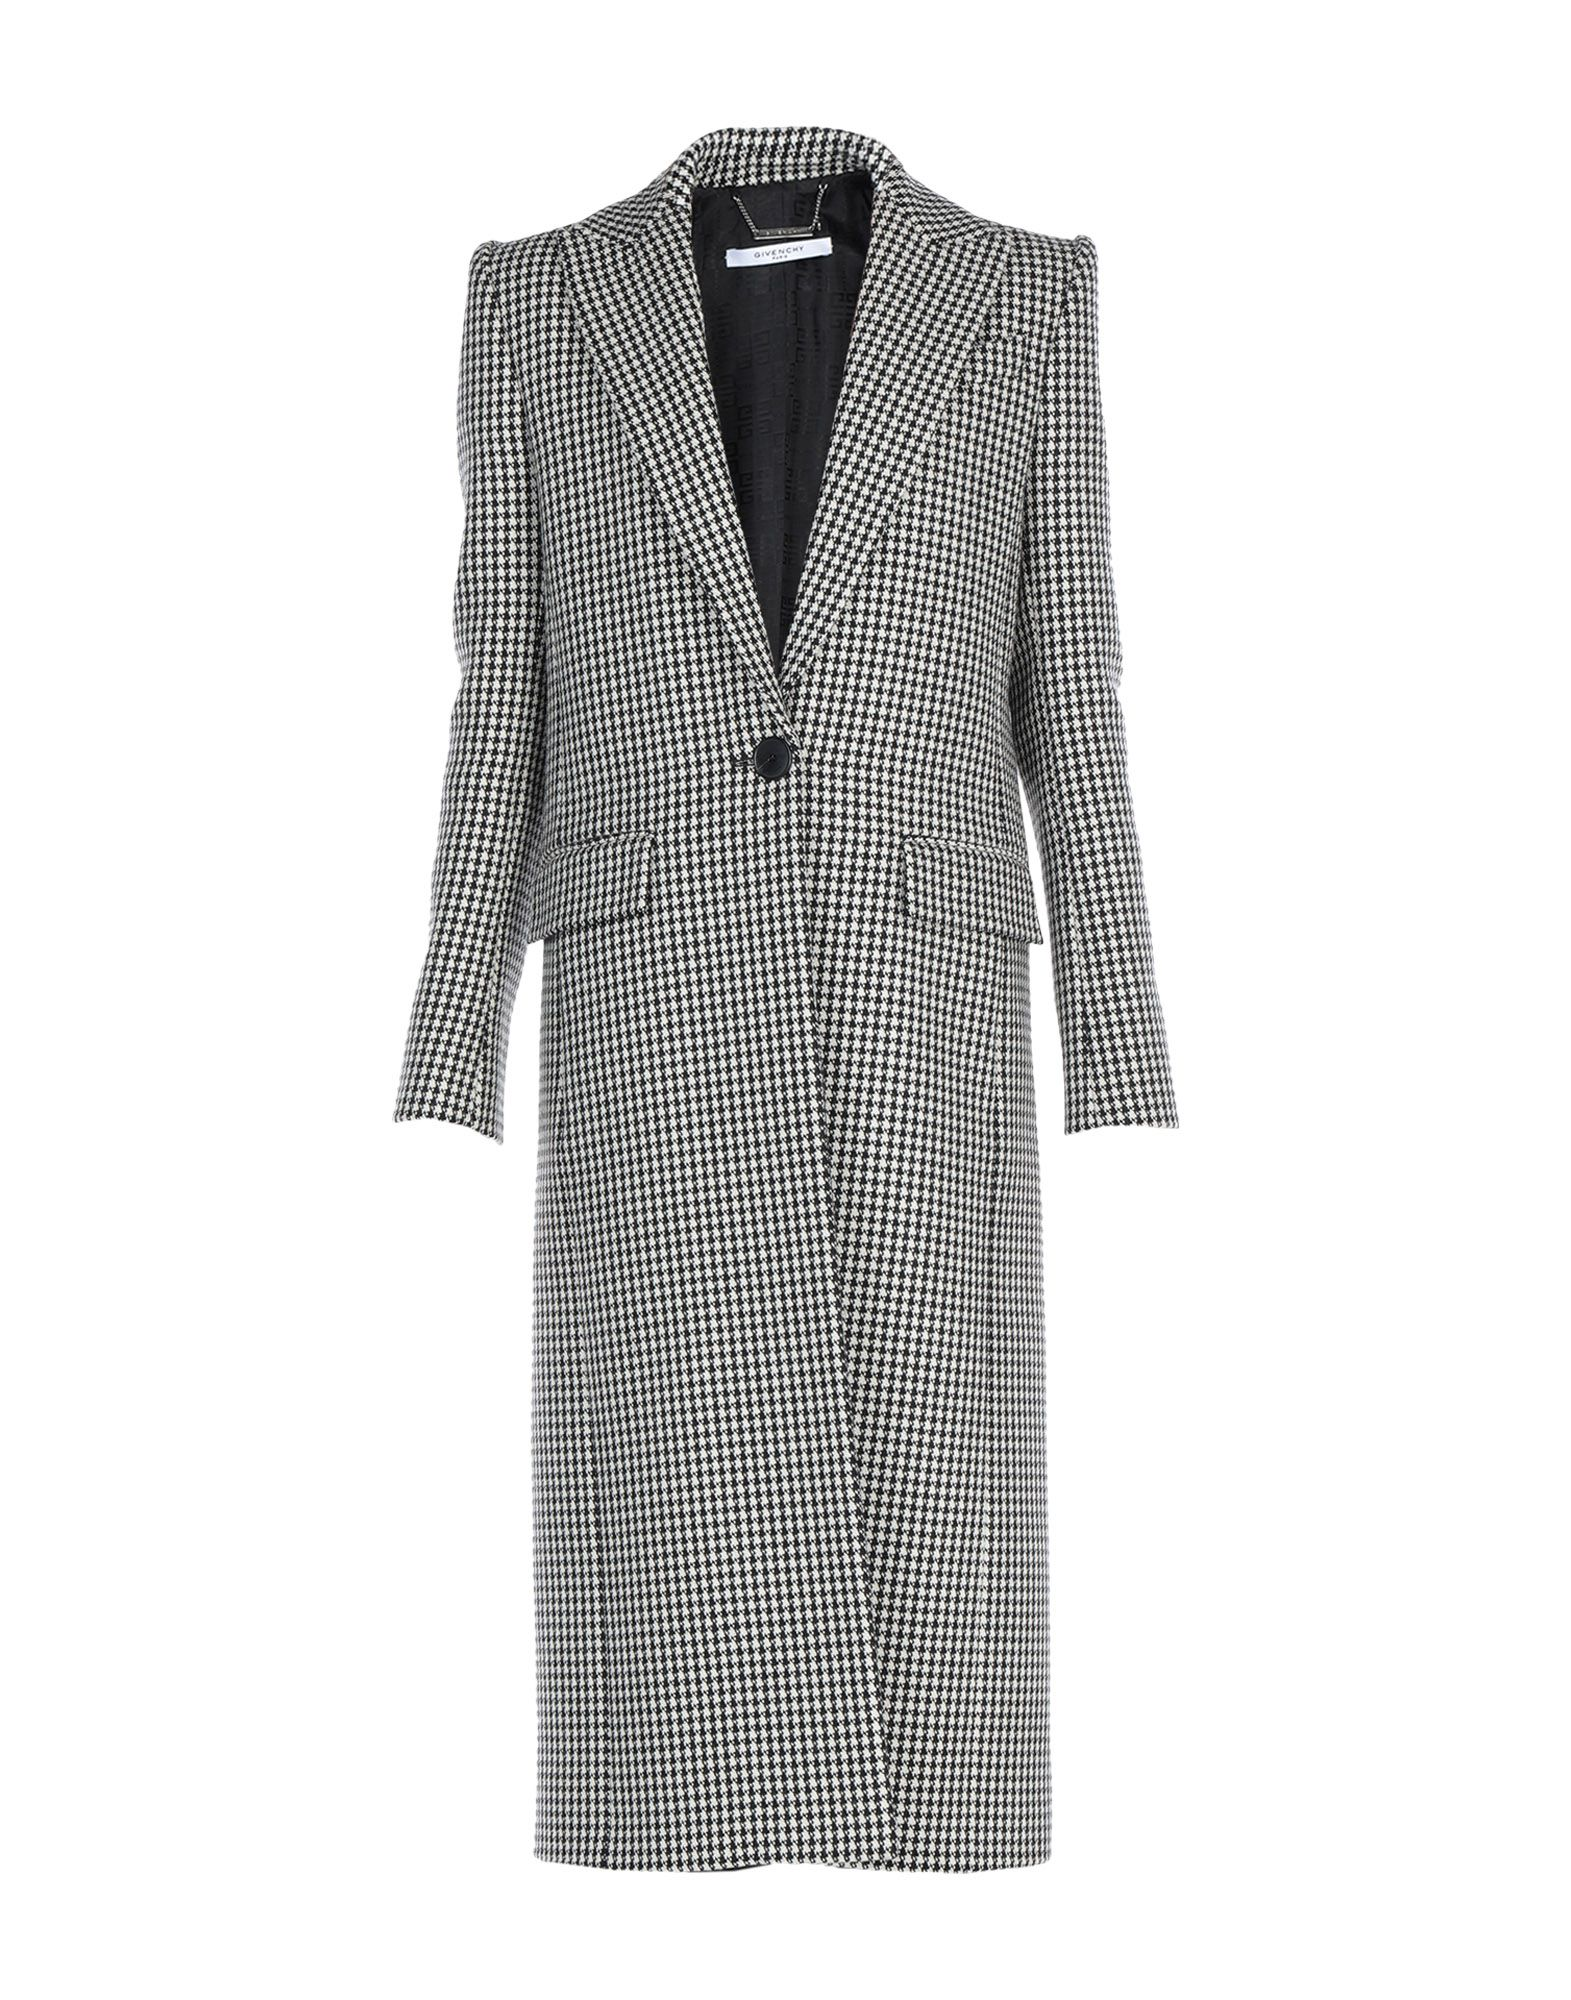 Cappotti donna online  cappotti eleganti e975344d4dd3